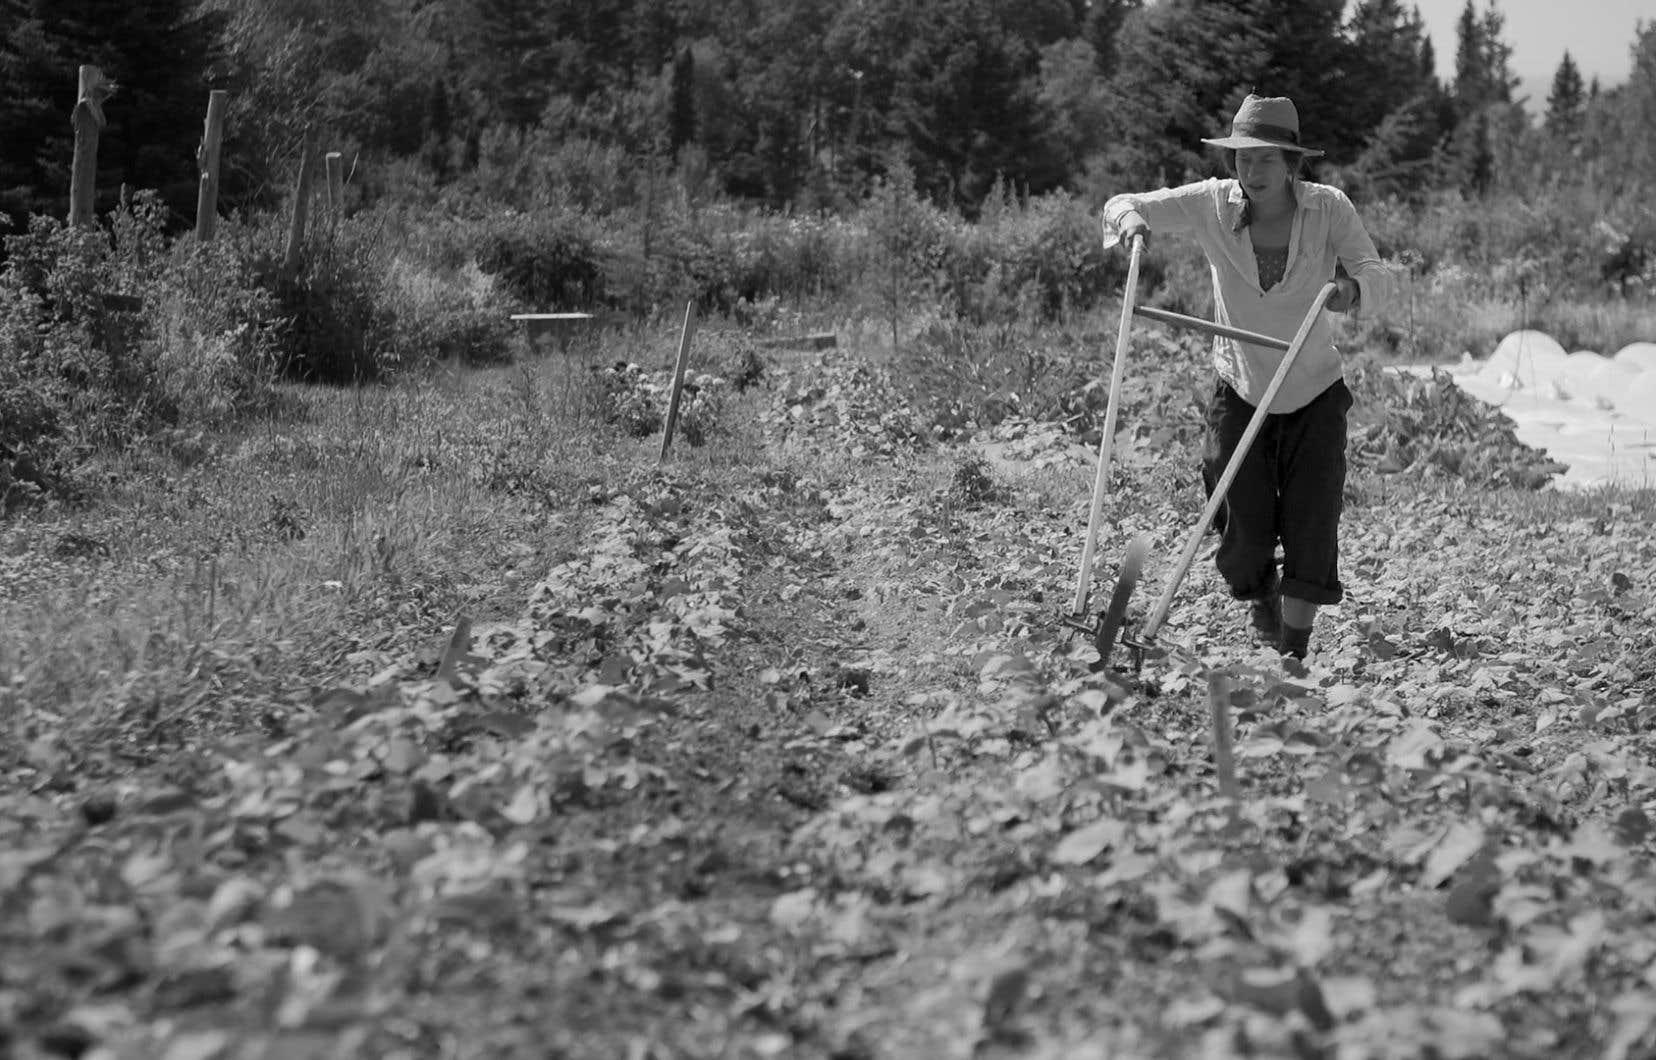 «Ramaillages», c'est six épisodes, tous en noir et blanc, qui se penchent sur le mouvement vers l'autonomie alimentaire et l'approche communautaire de citoyens de la Gaspésie de différentes générations.